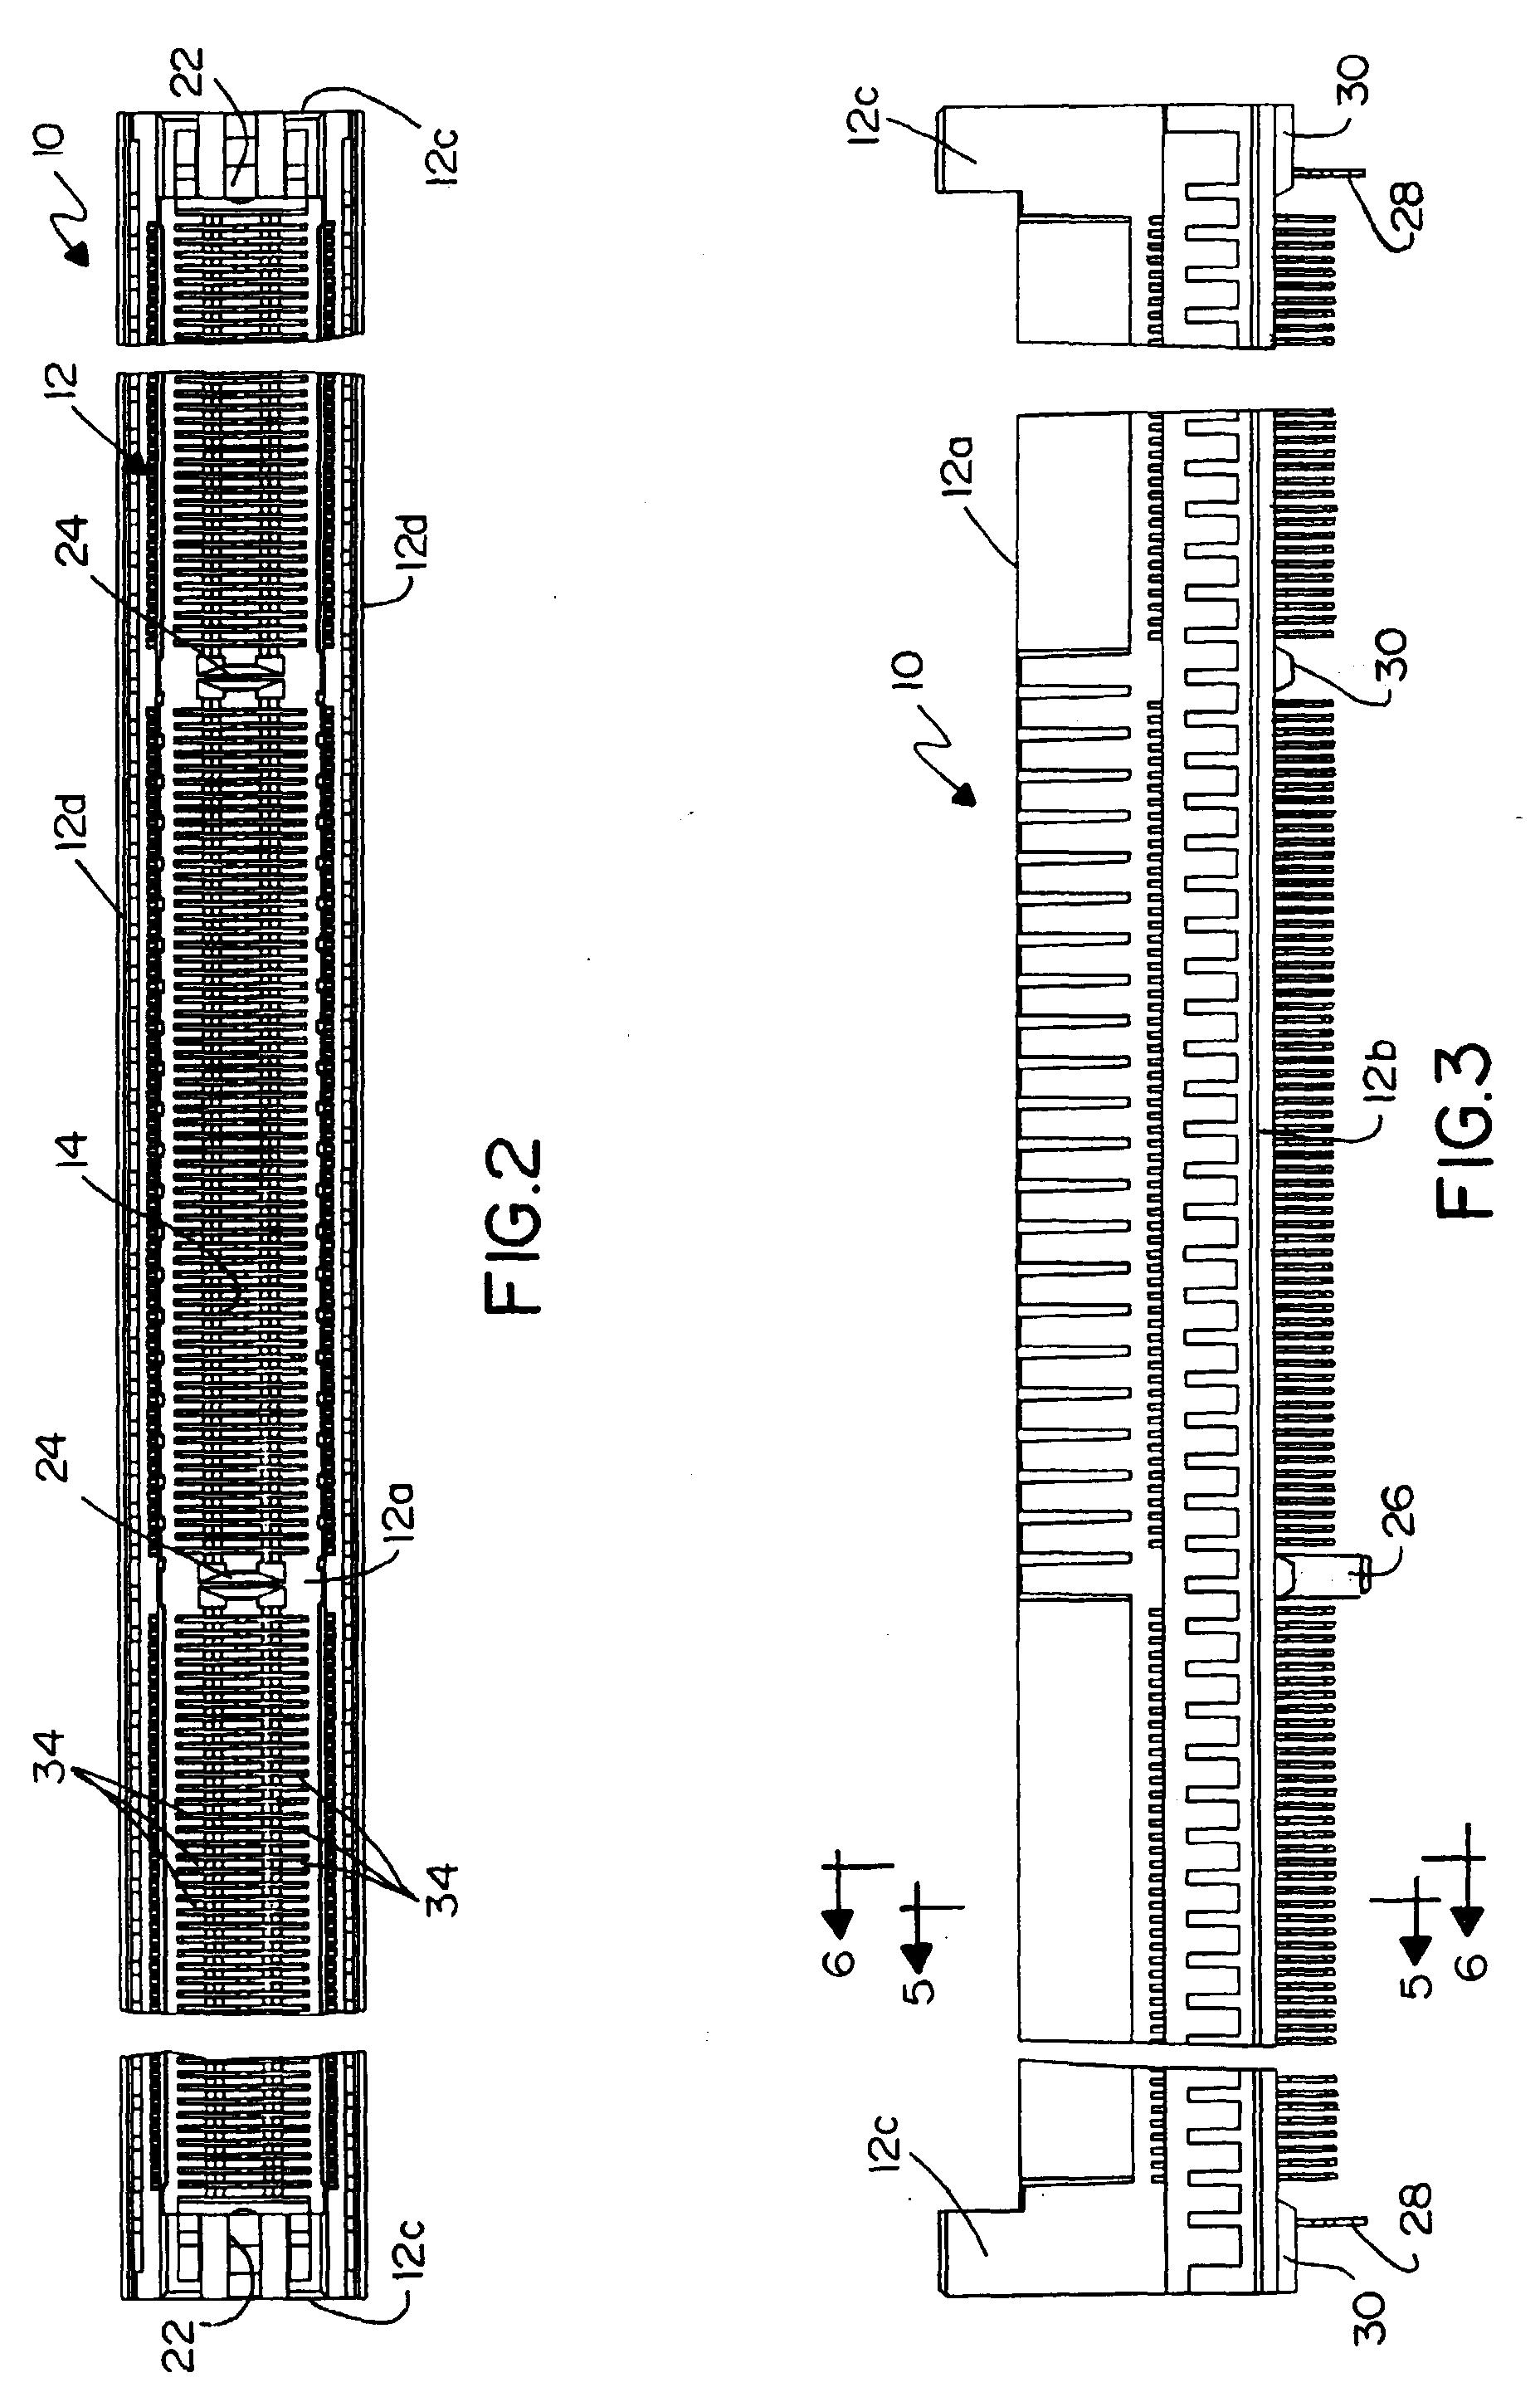 fujitsu 9705914025 printed circuit board controller